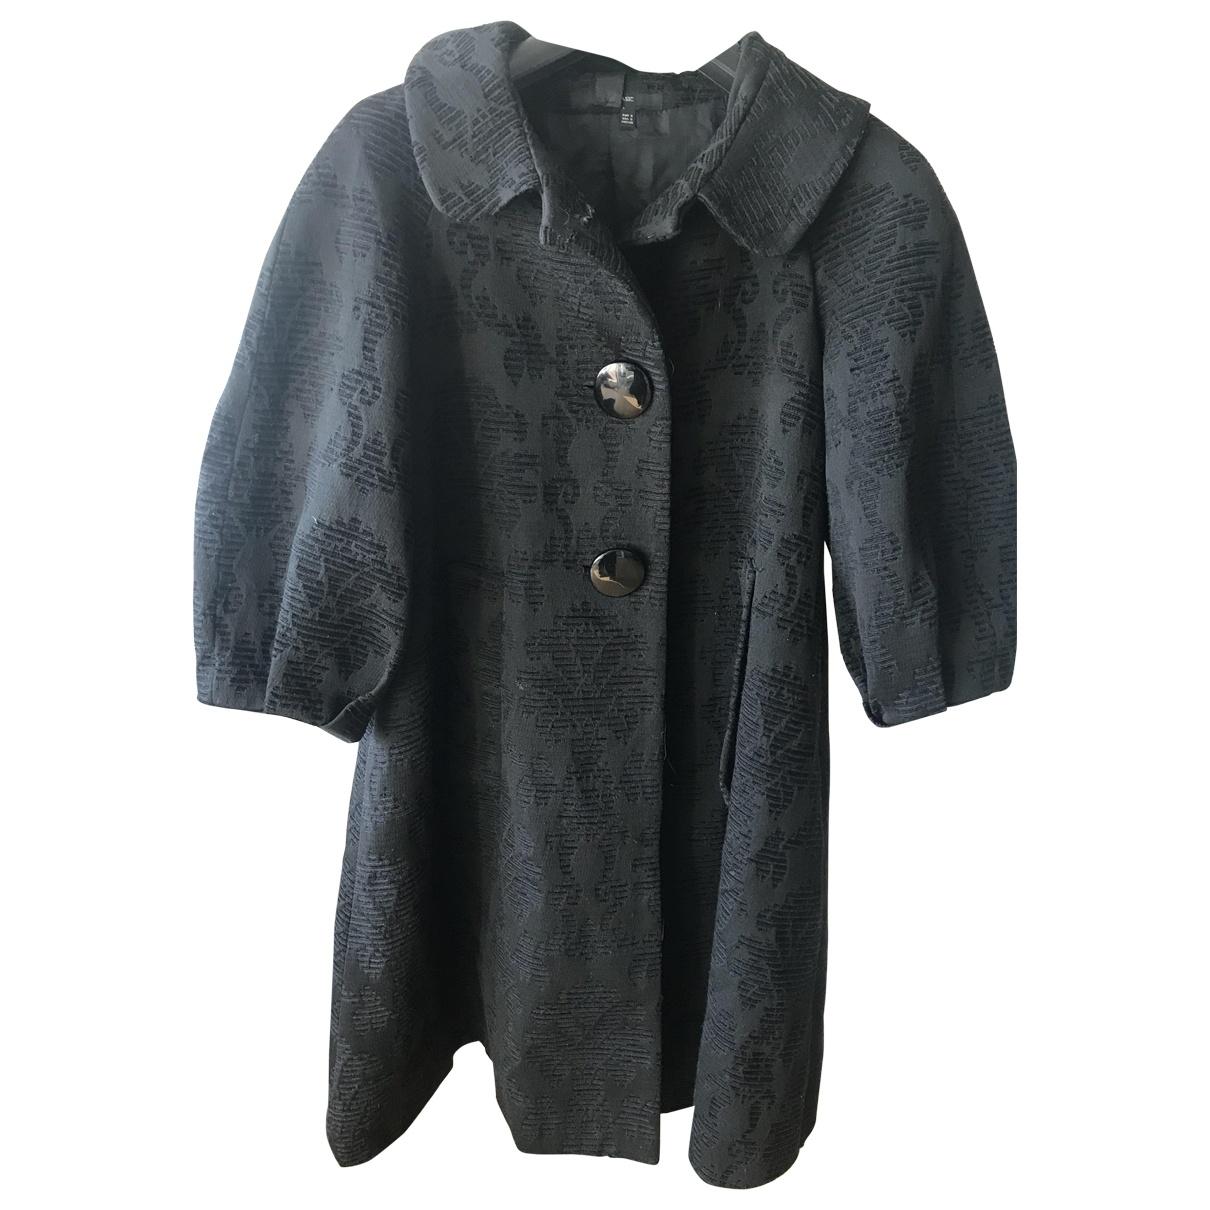 Zara \N Black coat for Women S International